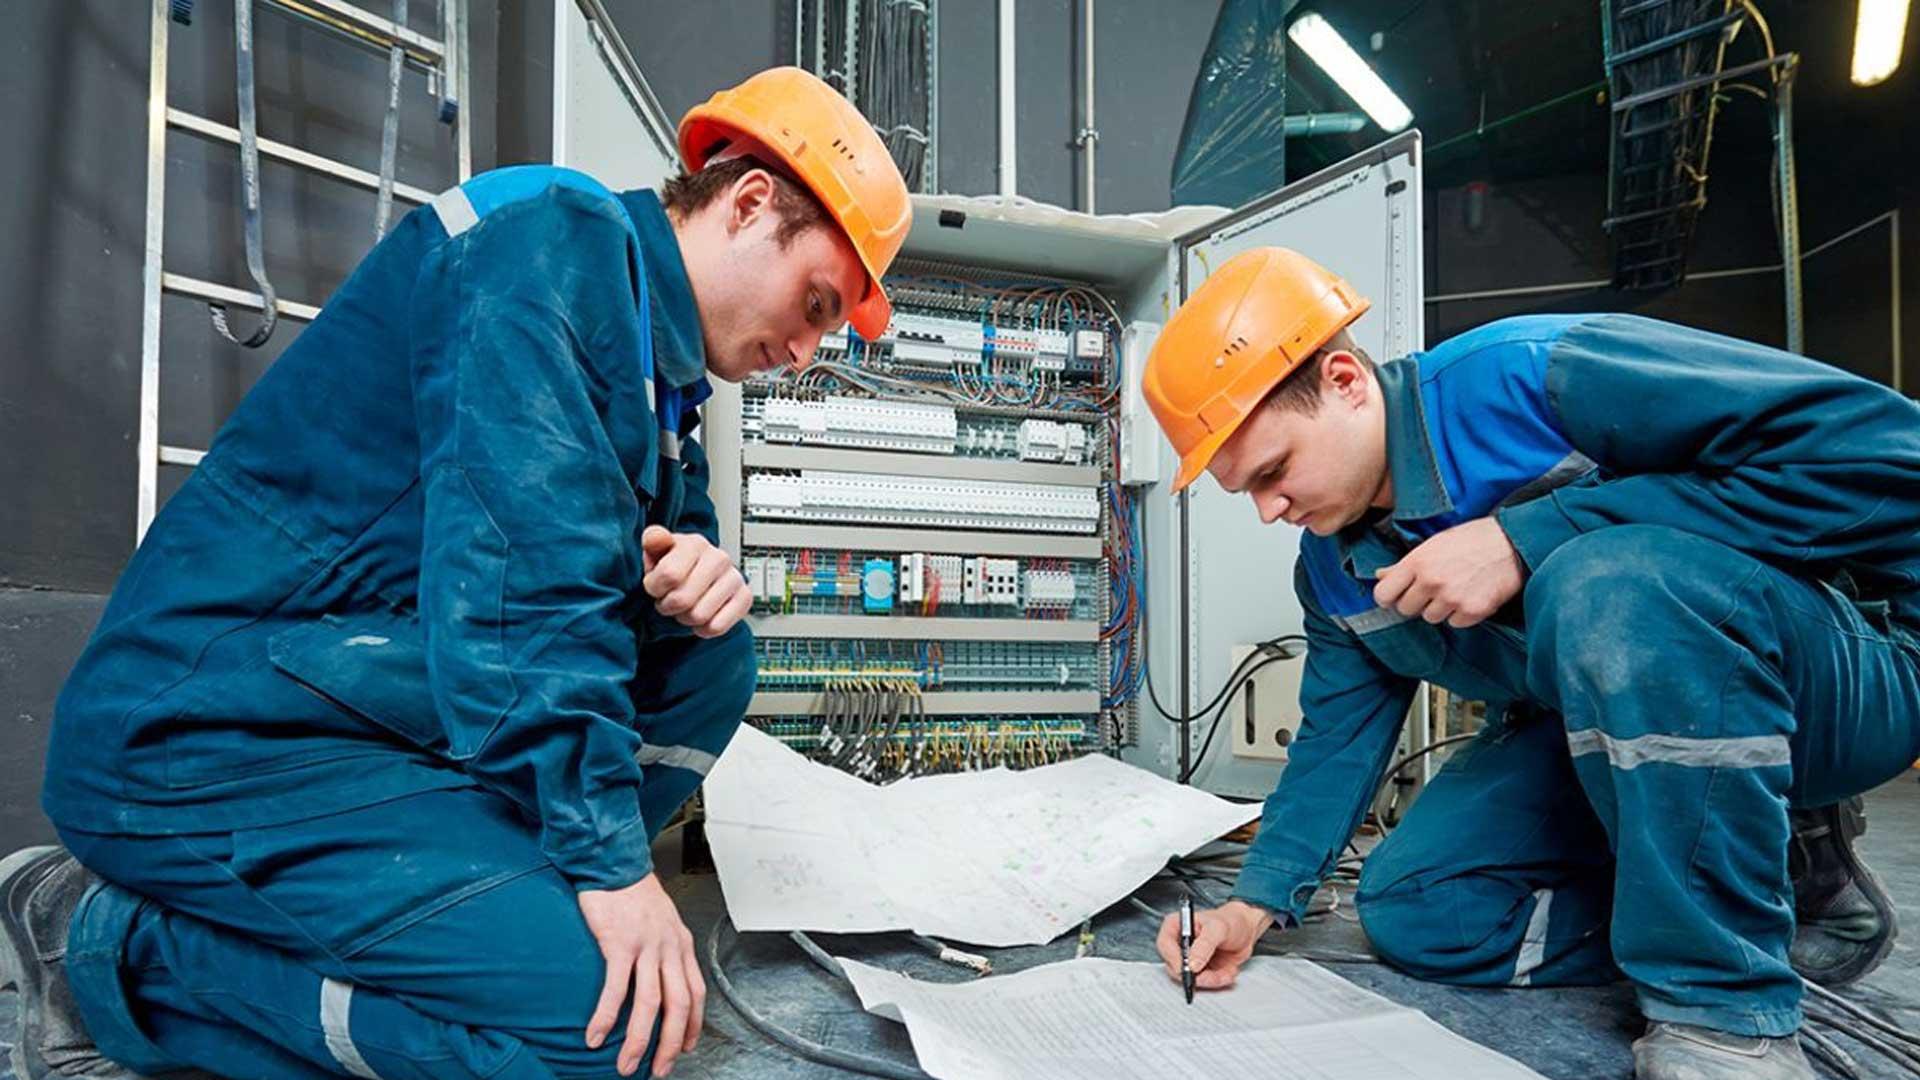 Институт подготовки кадров и охраны труда